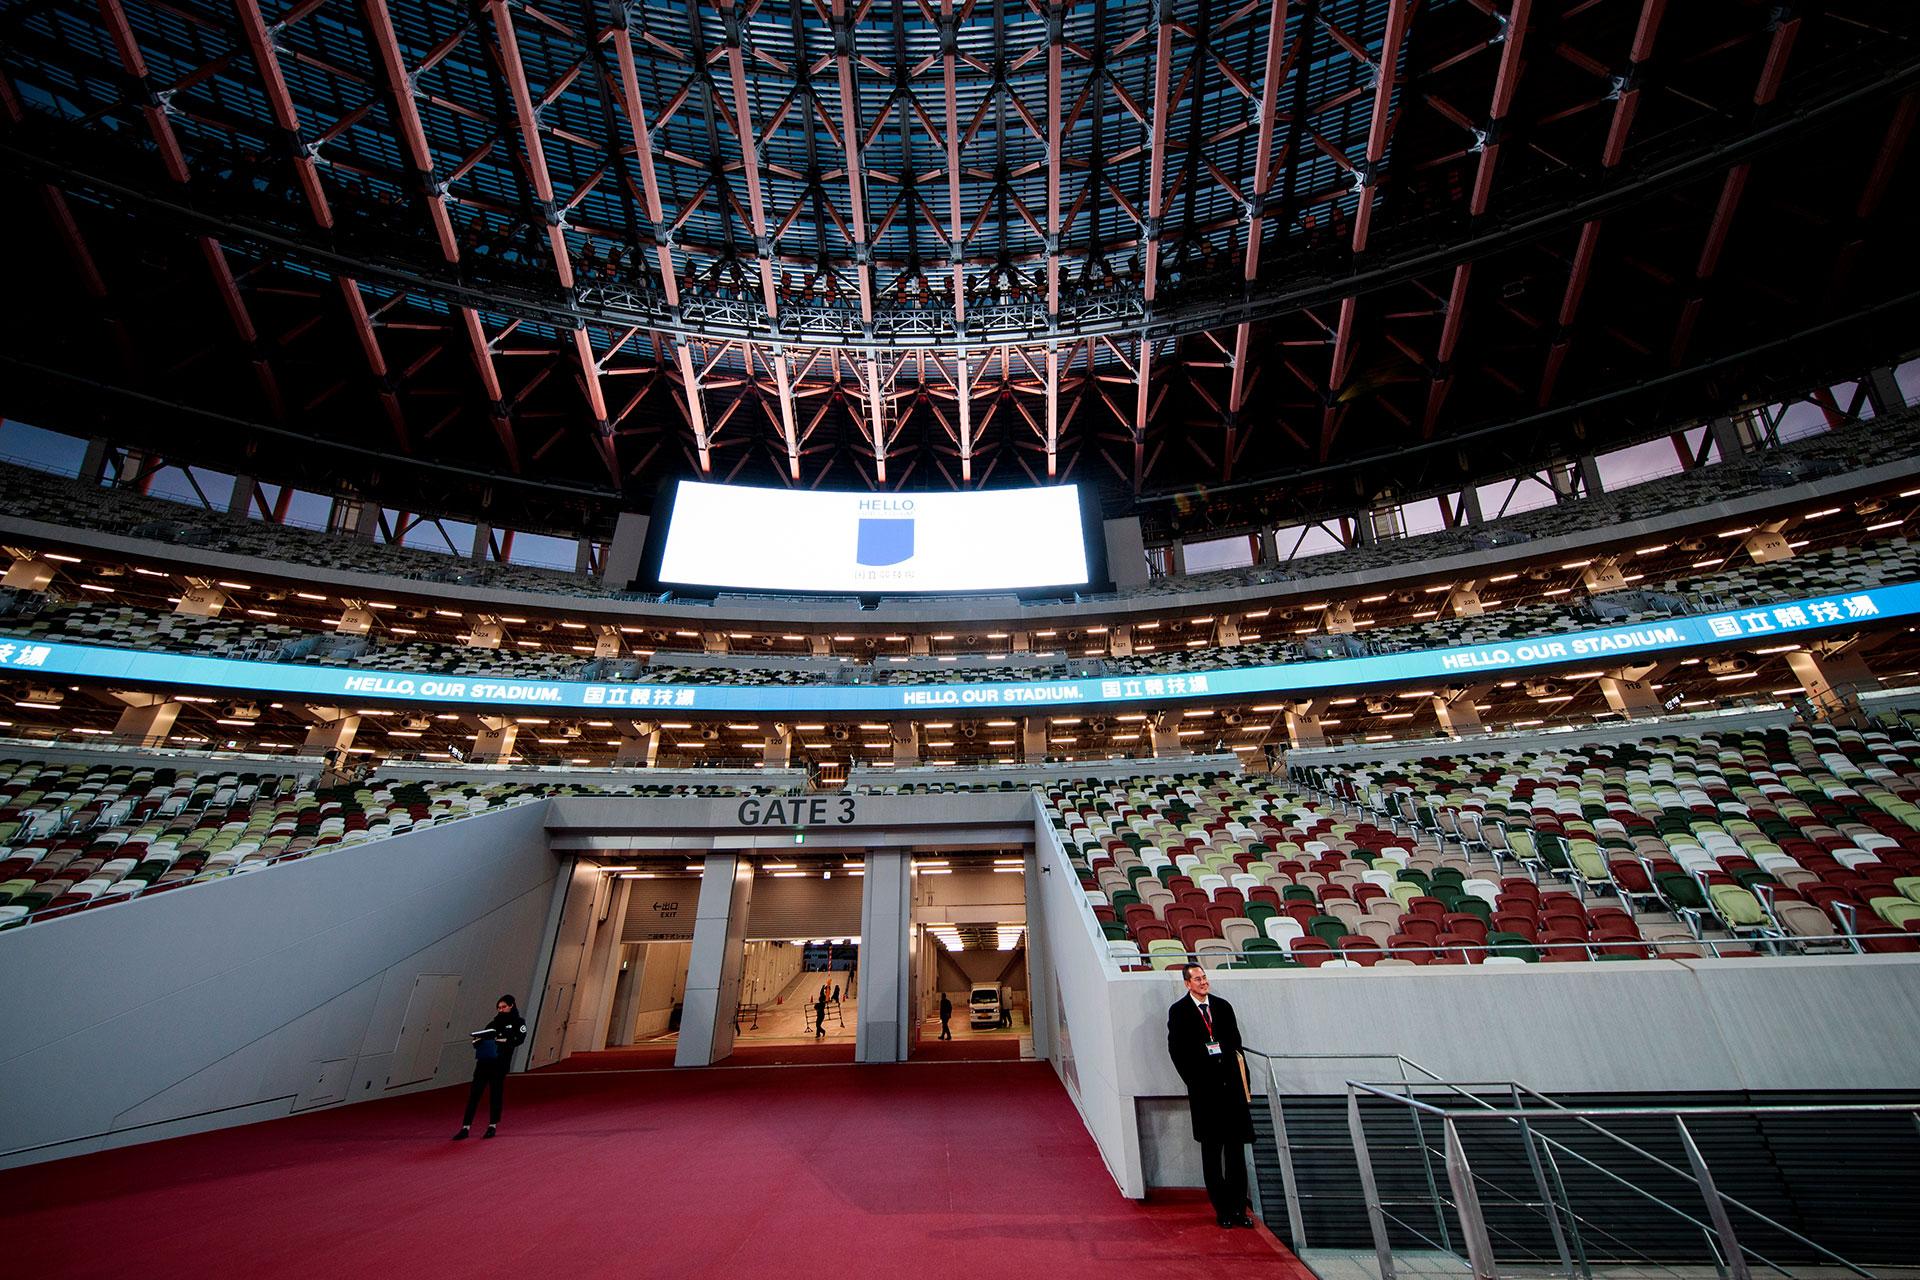 Construido en el emplazamiento del antiguo estadio nacional levantado para los Juegos de 1964, este estadio de 60.000 asientos, diseñado por el famoso arquitecto japonés Kengo Kuma, se inspira en técnicas tradicionales, especialmente un uso importante de la madera